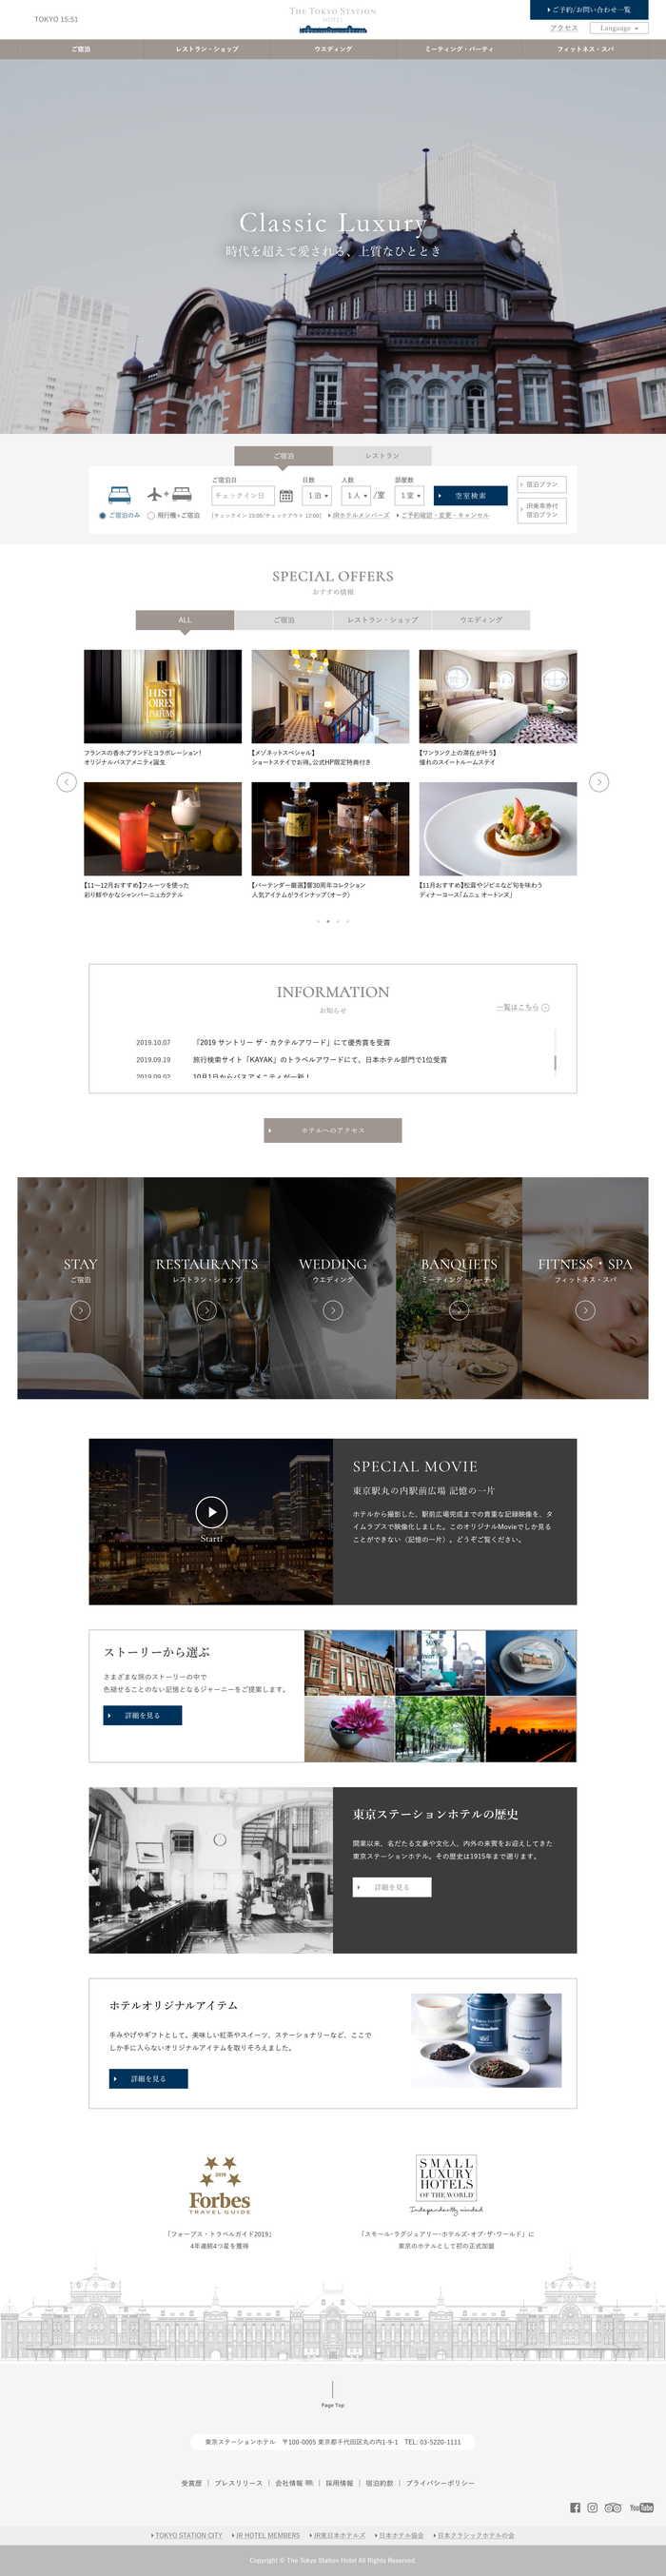 東京ステーションホテル【公式】|THE TOKYO STATION HOTEL